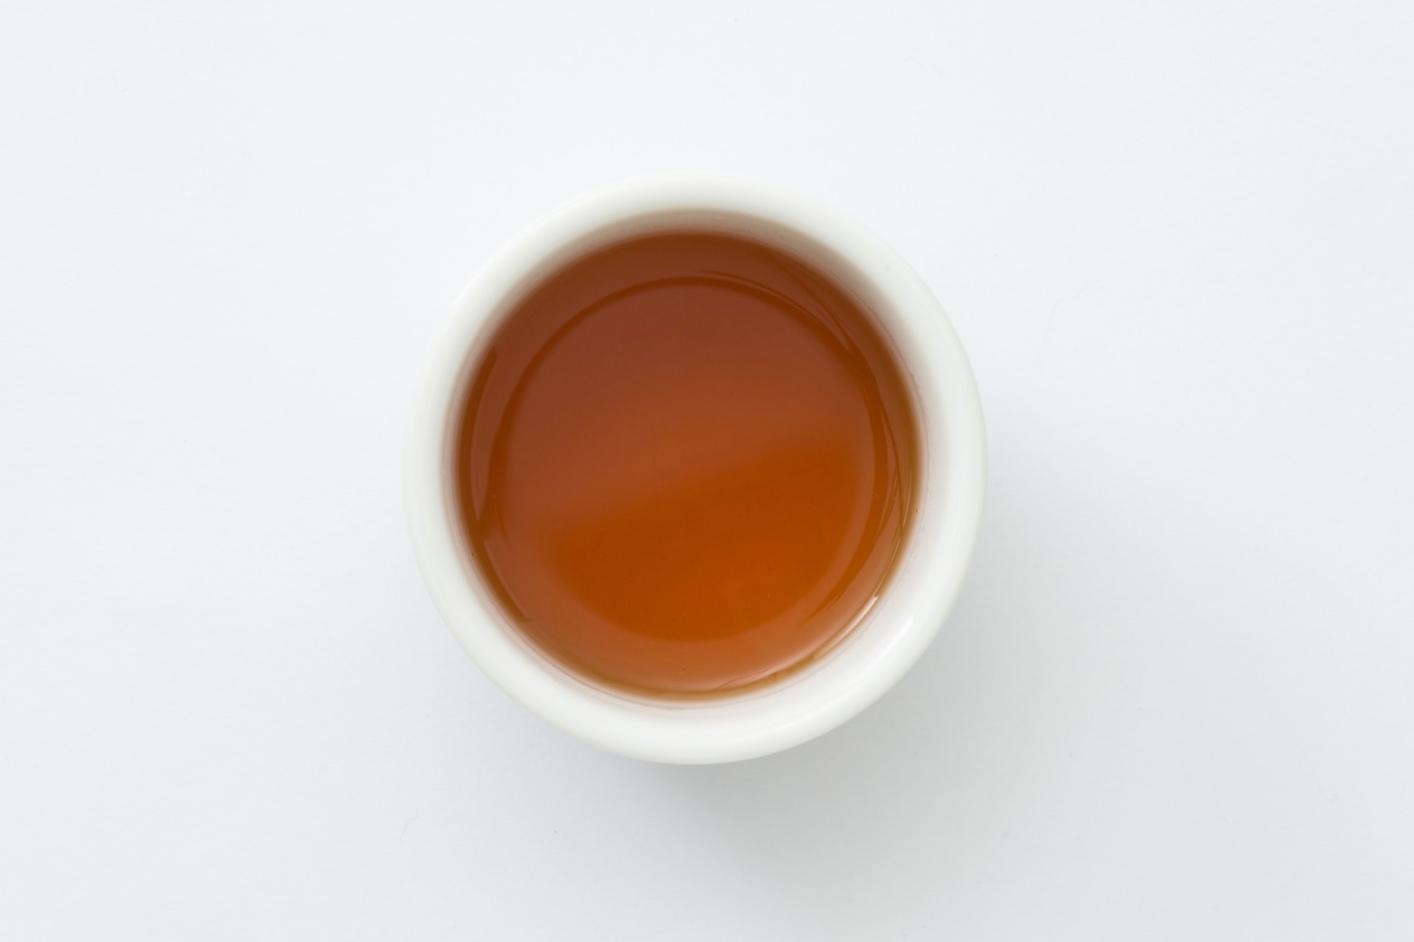 プレミアム 有機和紅茶 商品イメージ2